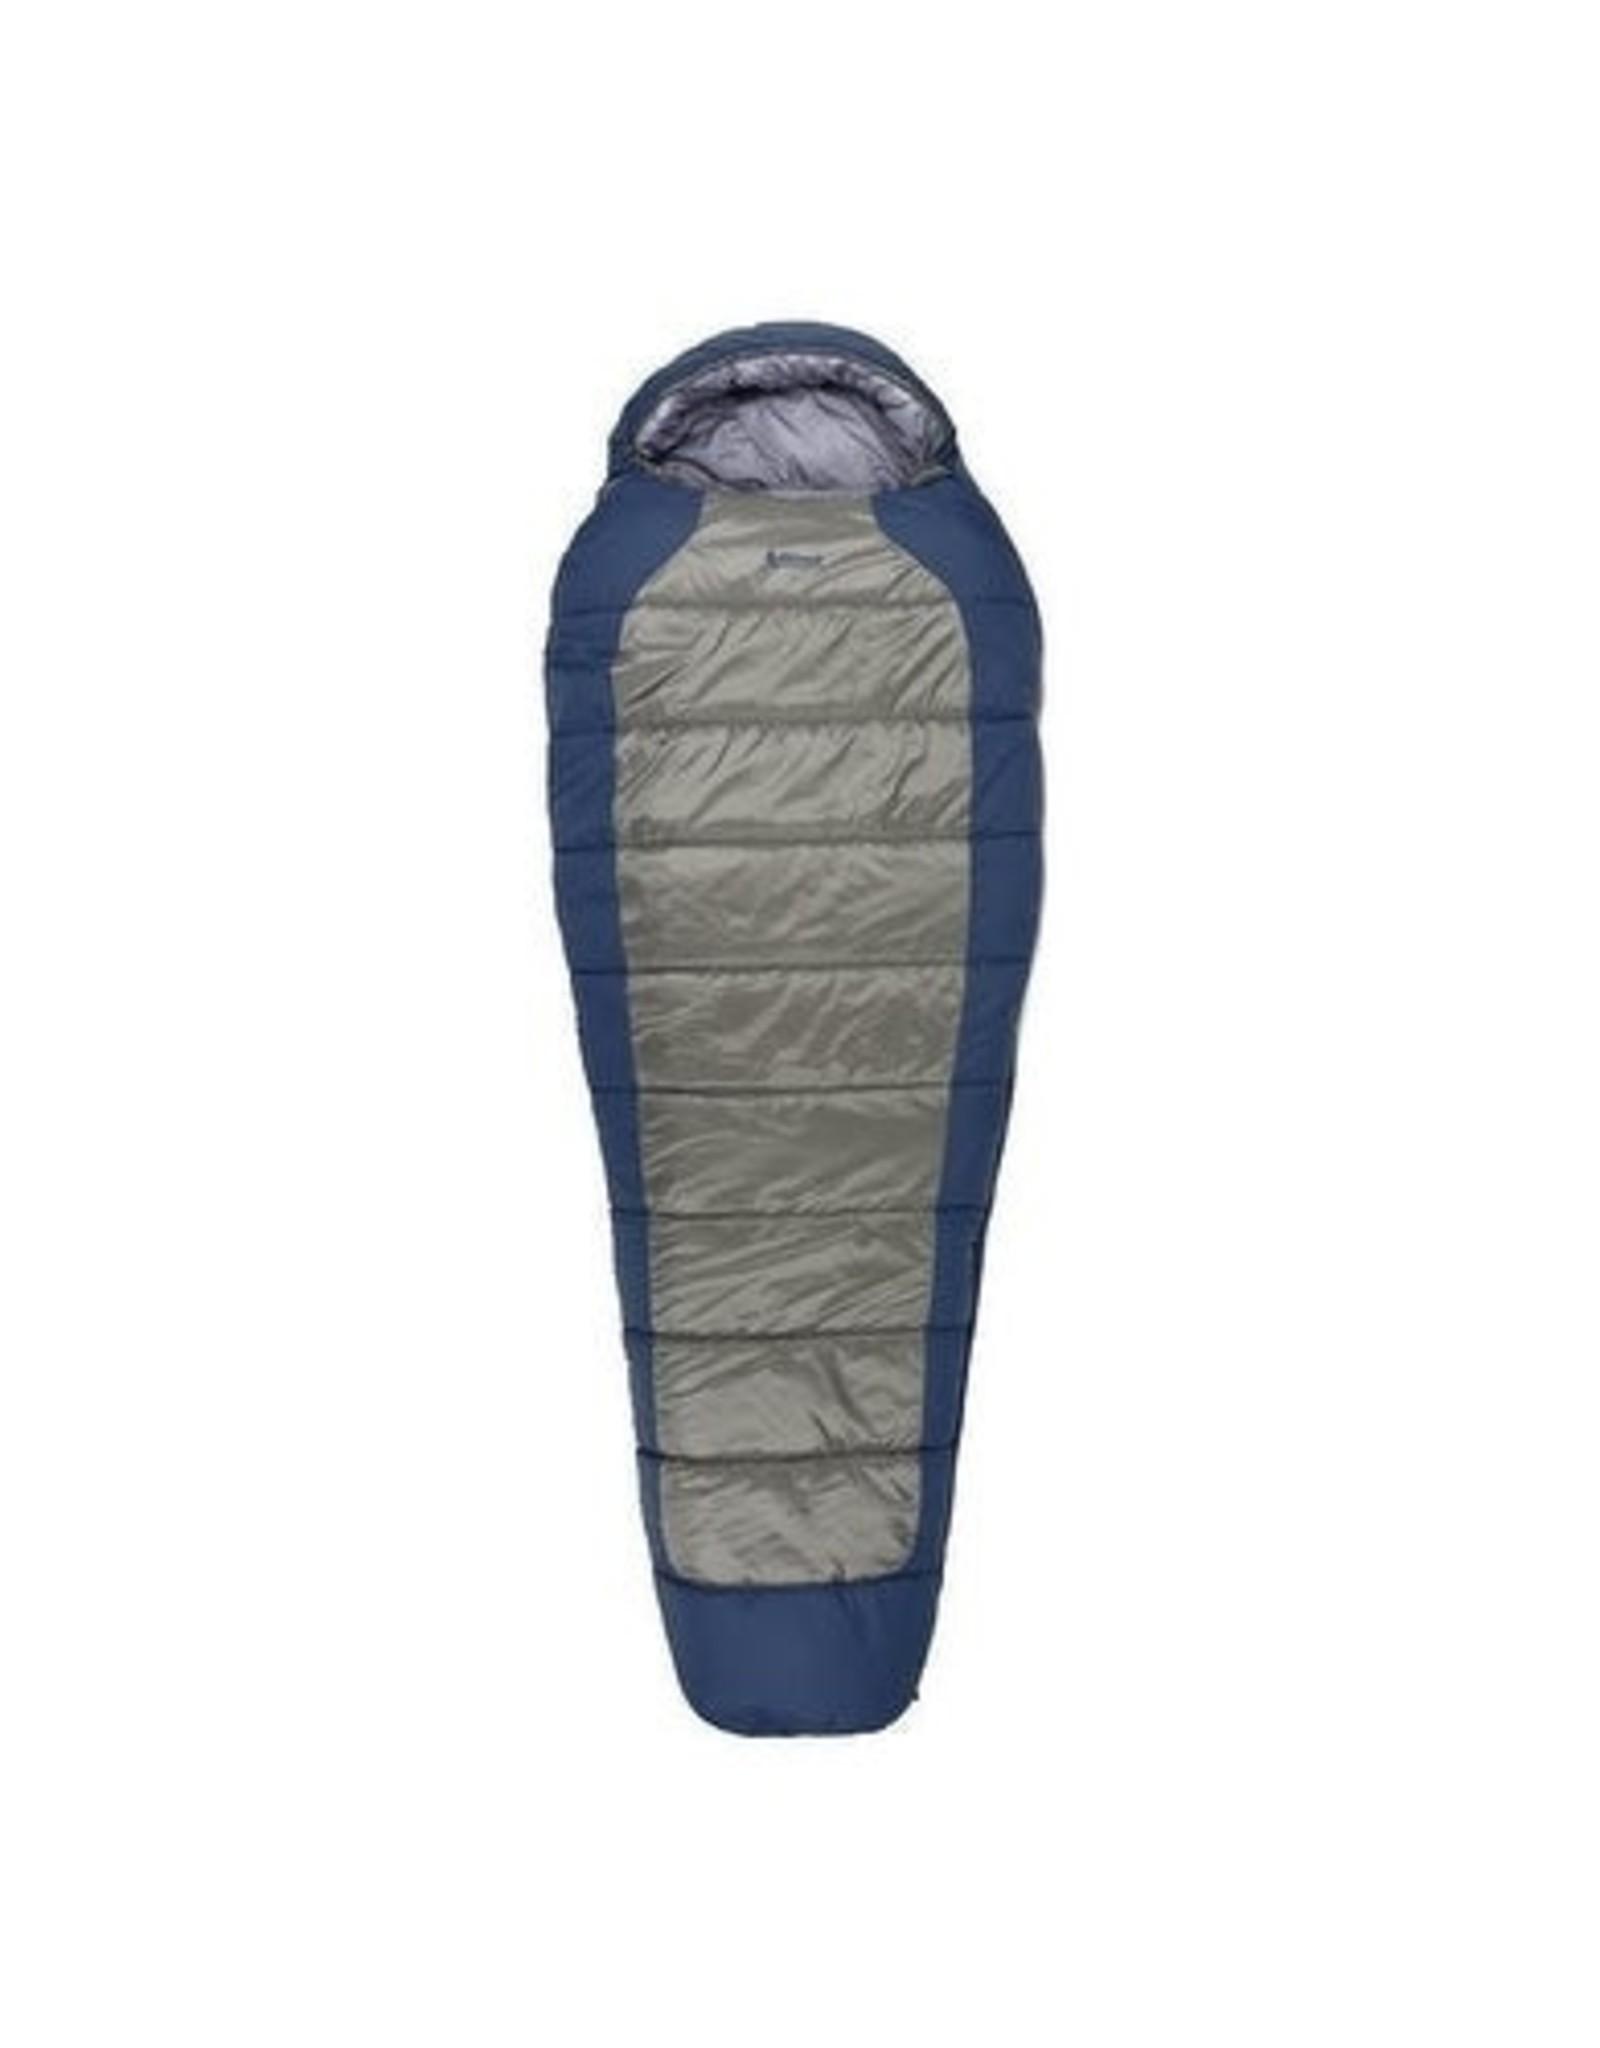 CHINOOK TECHNICAL OUTDOOR EVEREST ICE III SLEEPING BAG